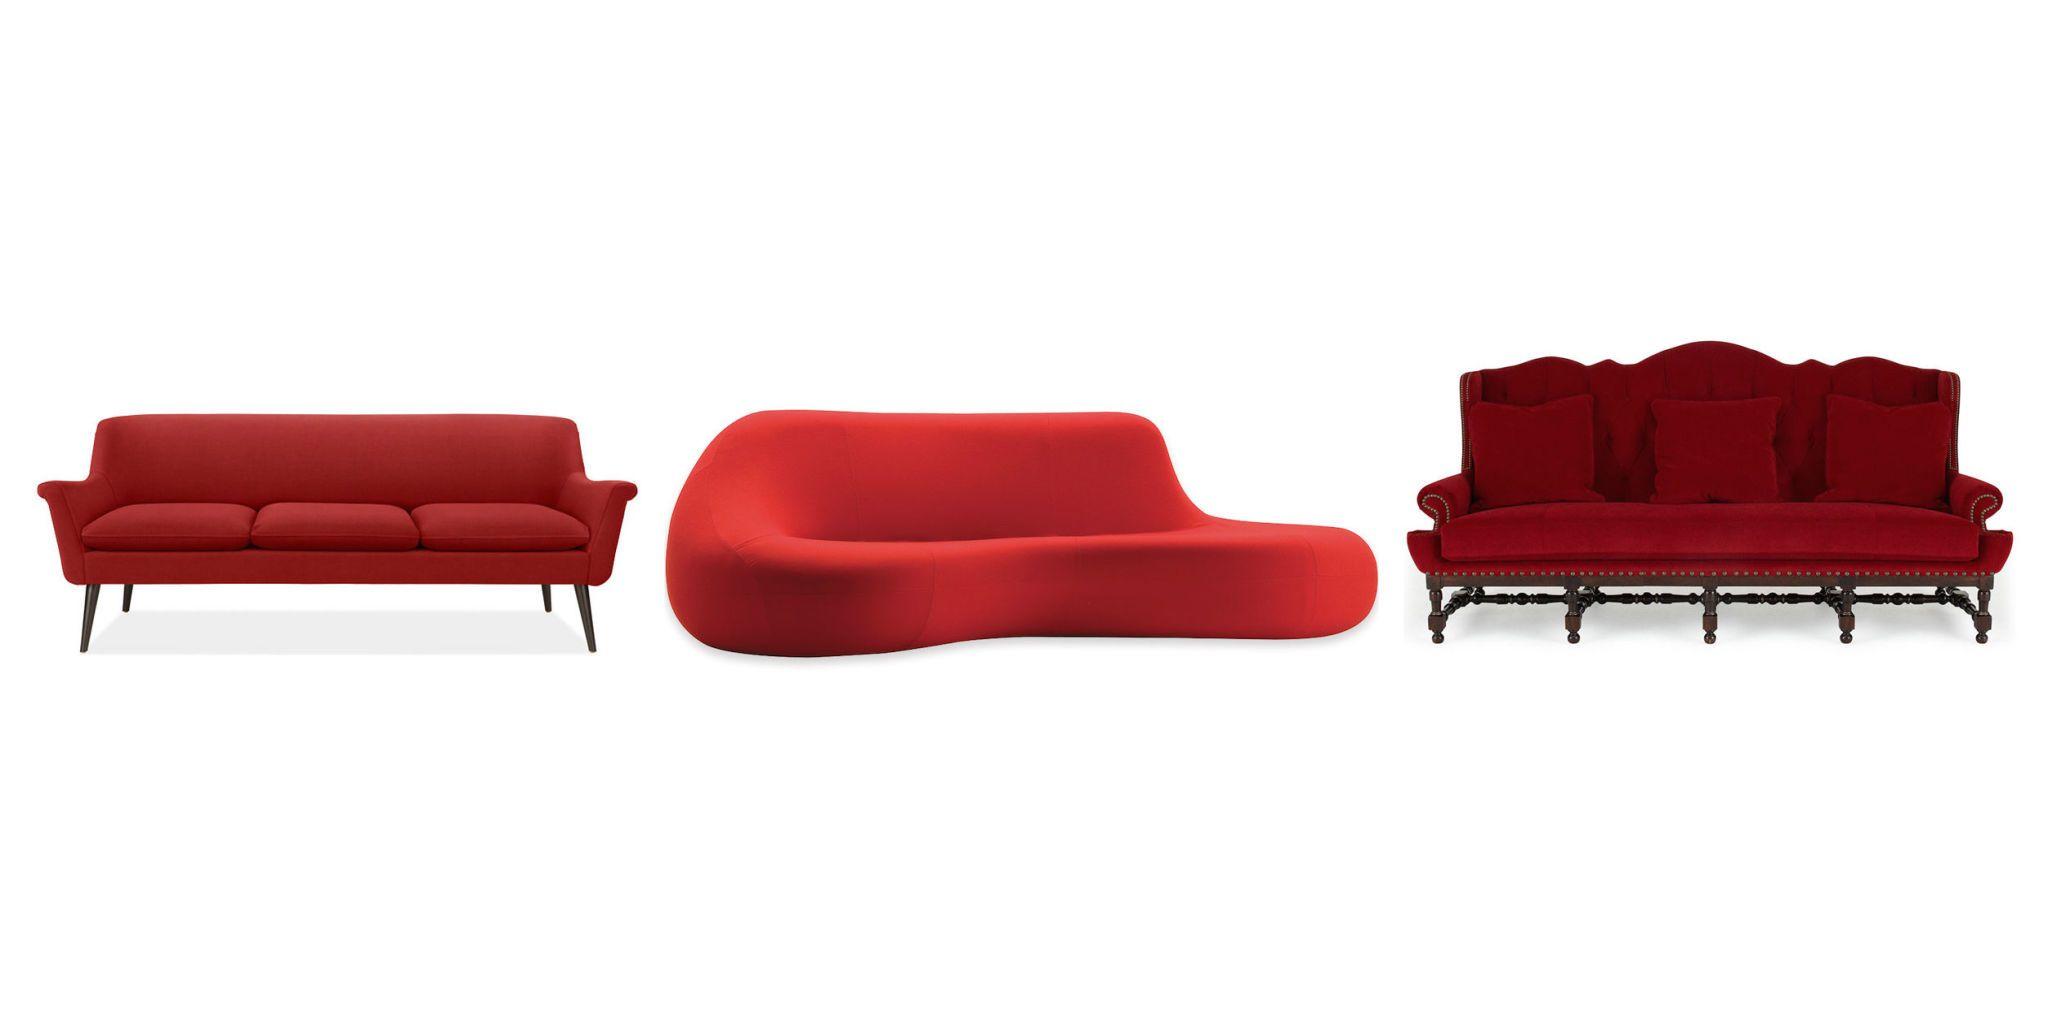 20 best red couch ideas red sofas rh elledecor com red leather couch ideas red couch ideas pinterest